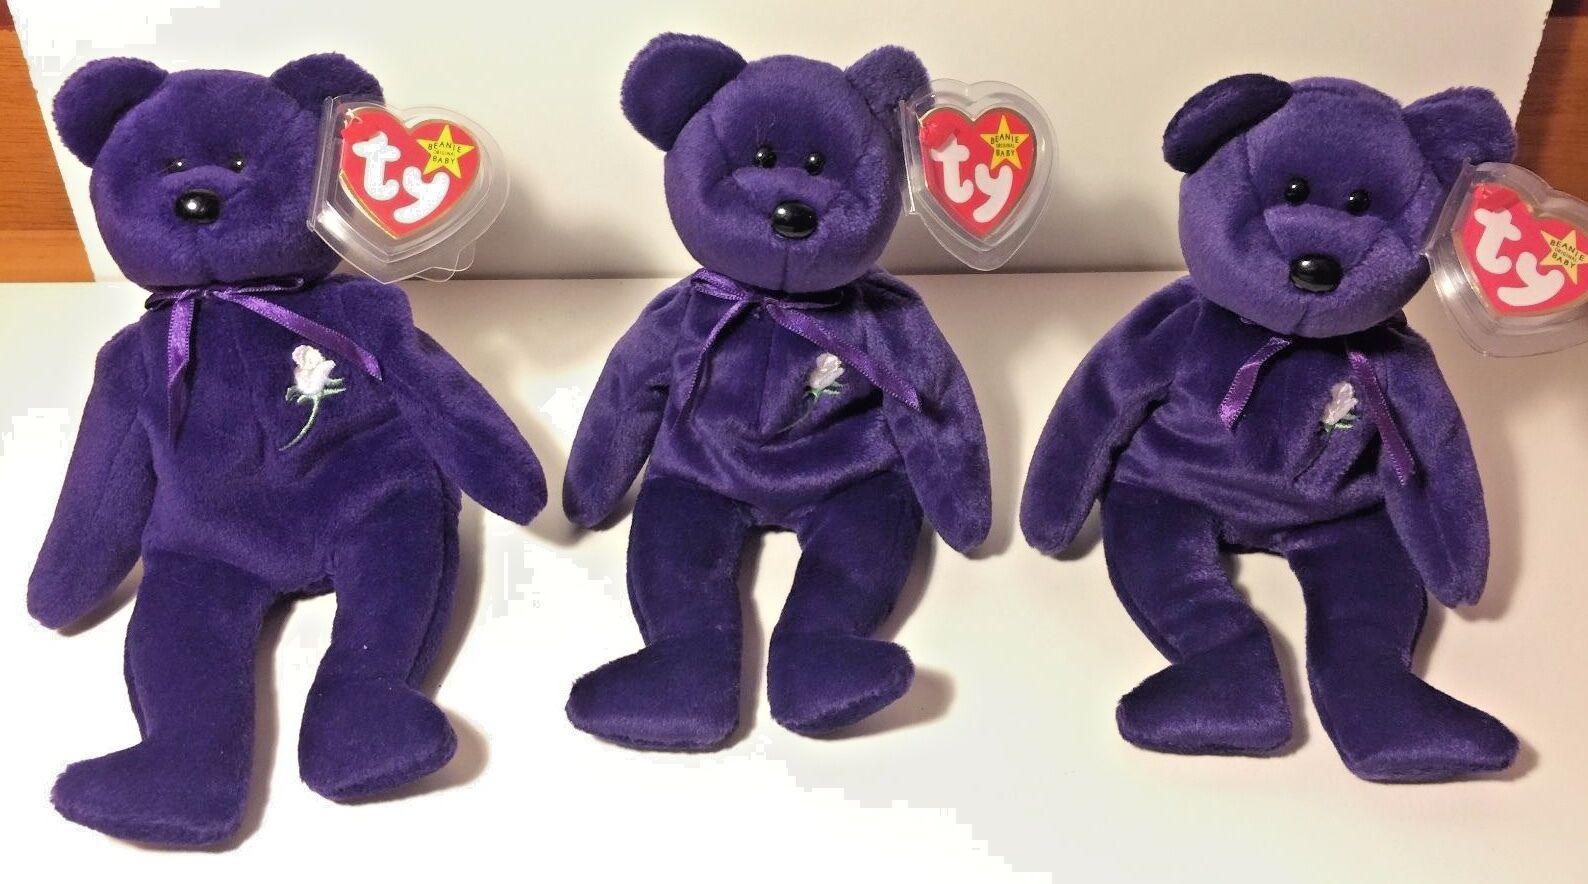 PRINCESS DIANA 1st EDITION BEANIE BABY BEAR Lot 100 *VERY HOT*Three VERY RARE